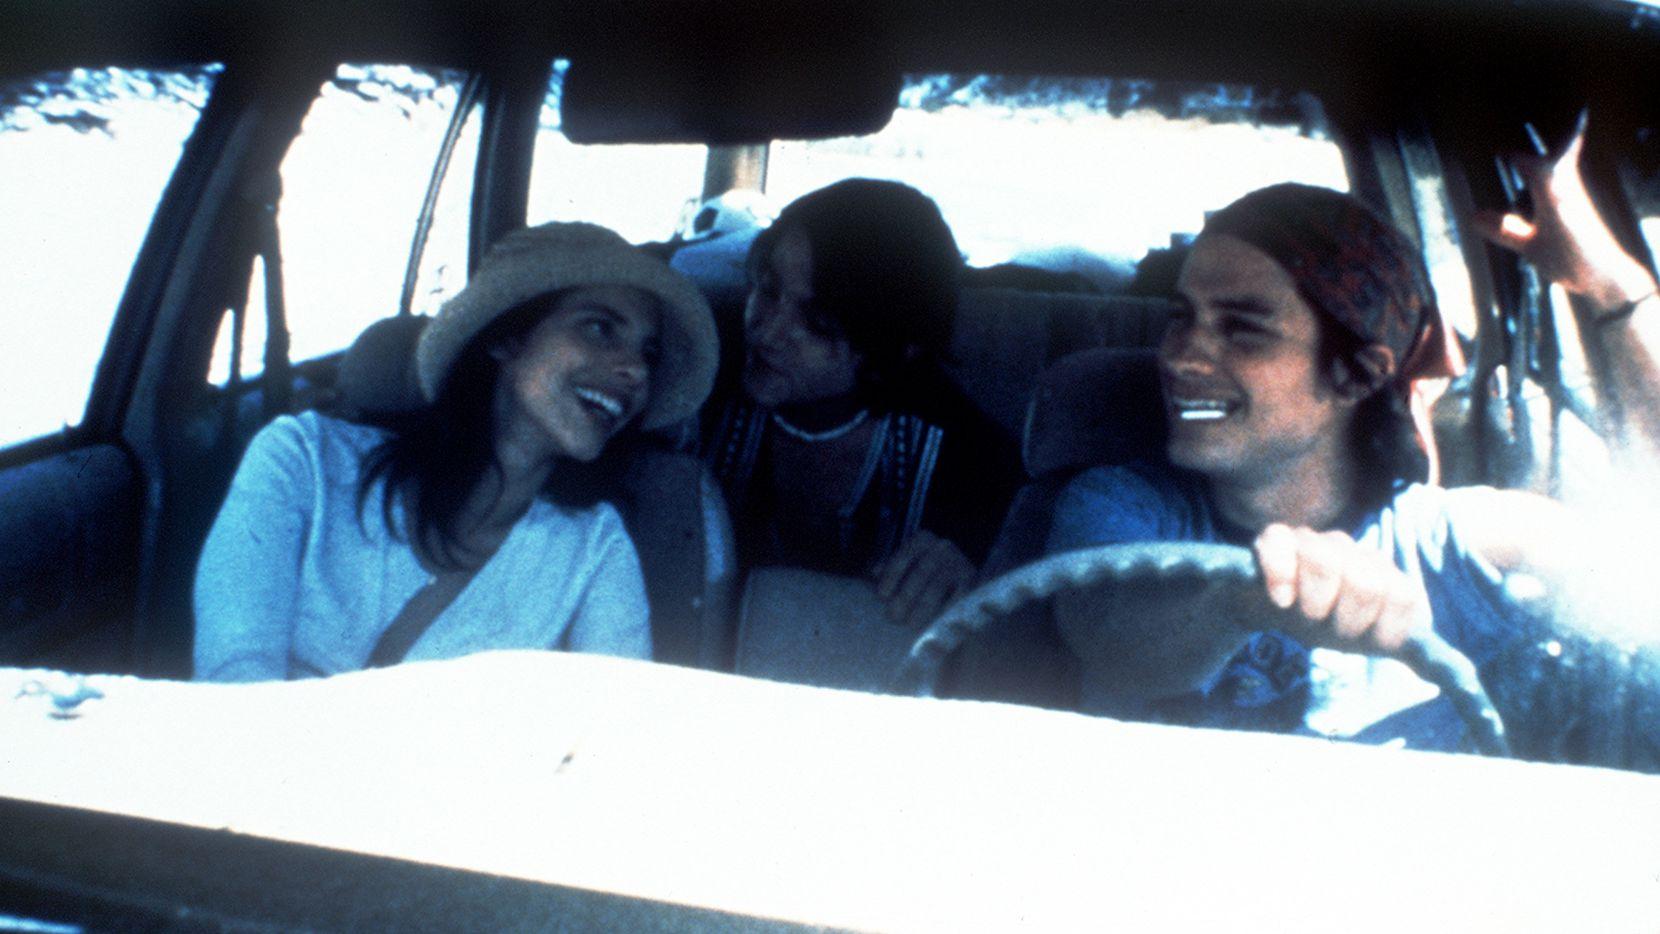 Maribel Verdu, Diego Luna y Gael Garcia Bernal protagonizan el filme Y TU MAMA TAMBIEN. Foto: Archivo